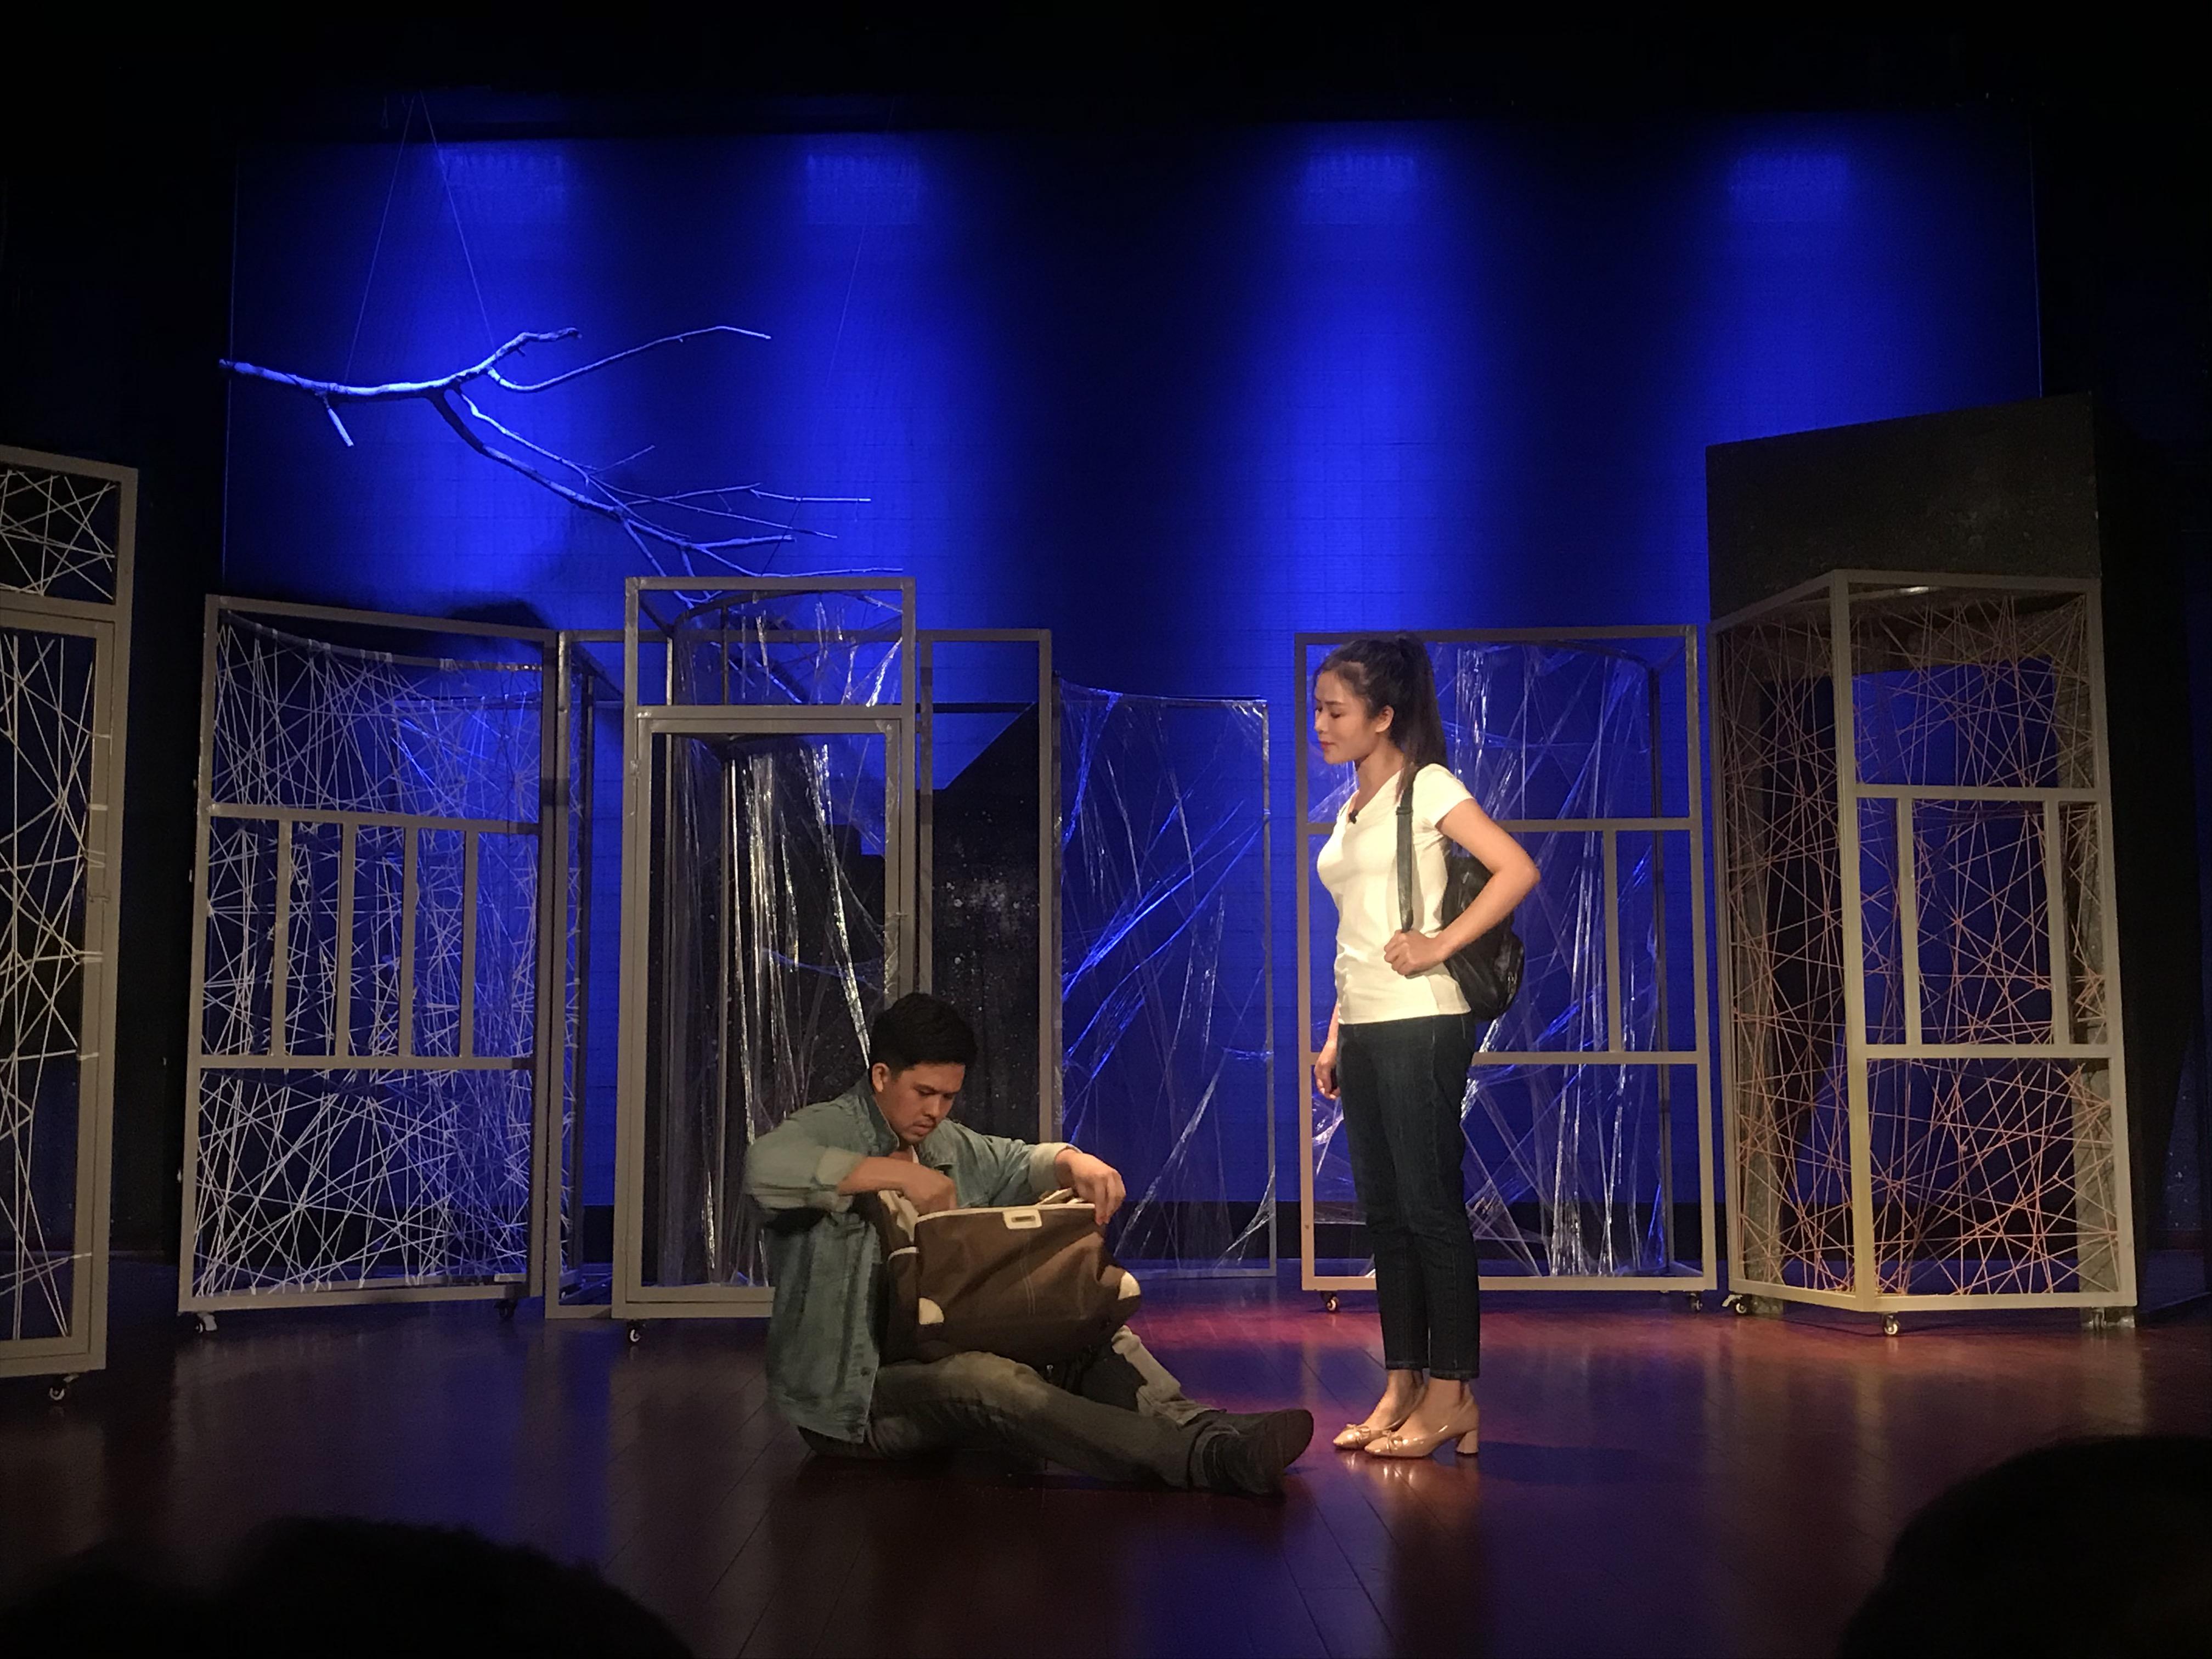 Vở Người tốt nhà số 5 của Nhà hát kịch Việt Nam sẽ tham gia Liên hoan sân khấu Thủ đô lần thứ IV.